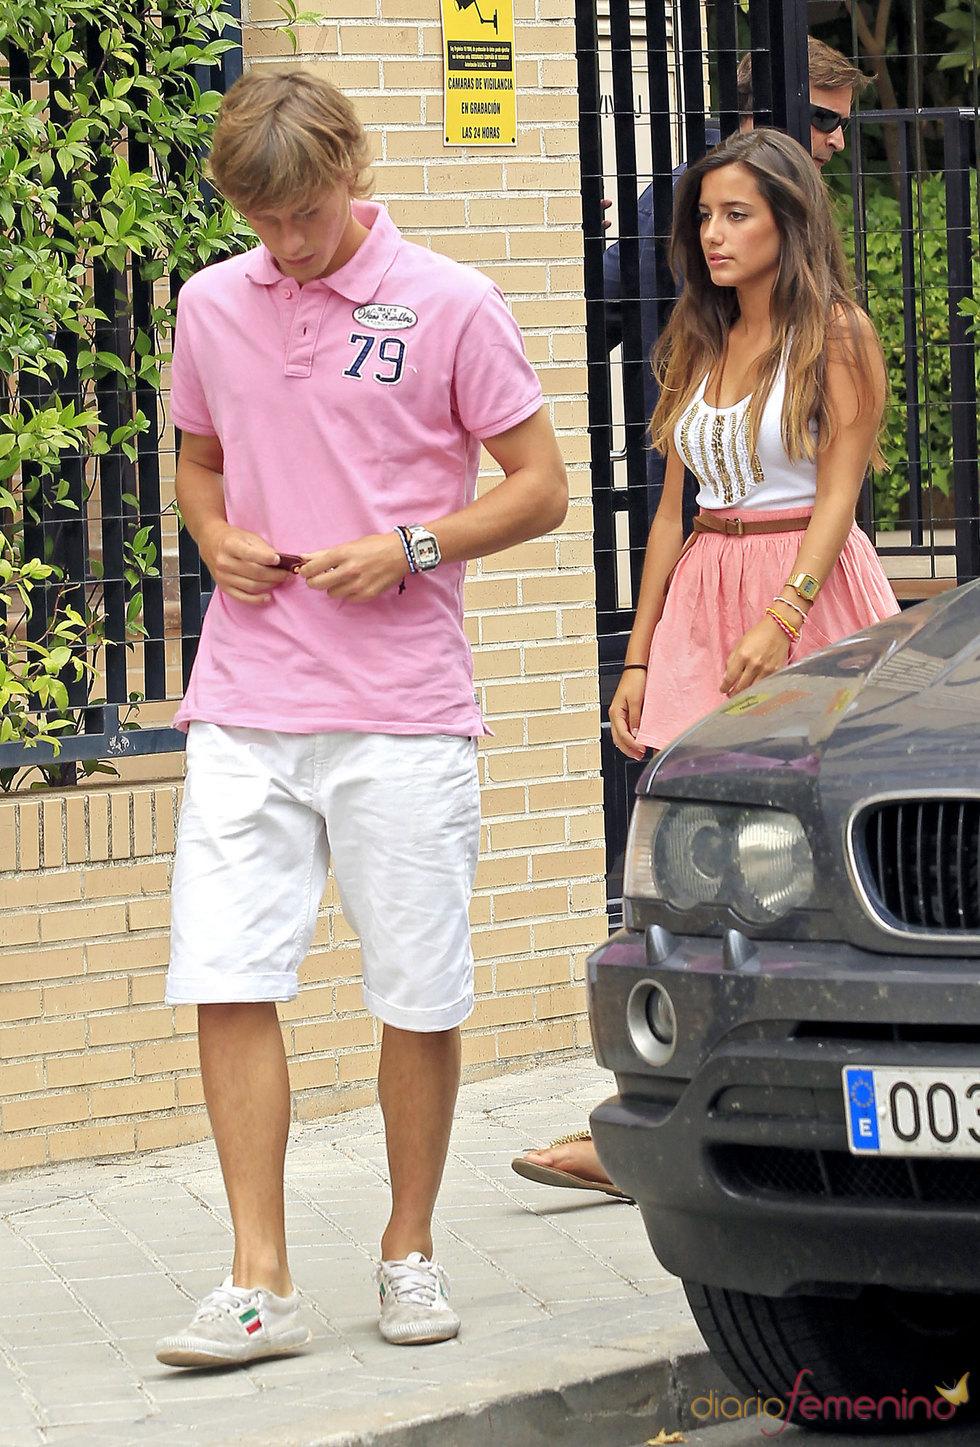 Sergio Canales y su novia visitando un piso de alquiler